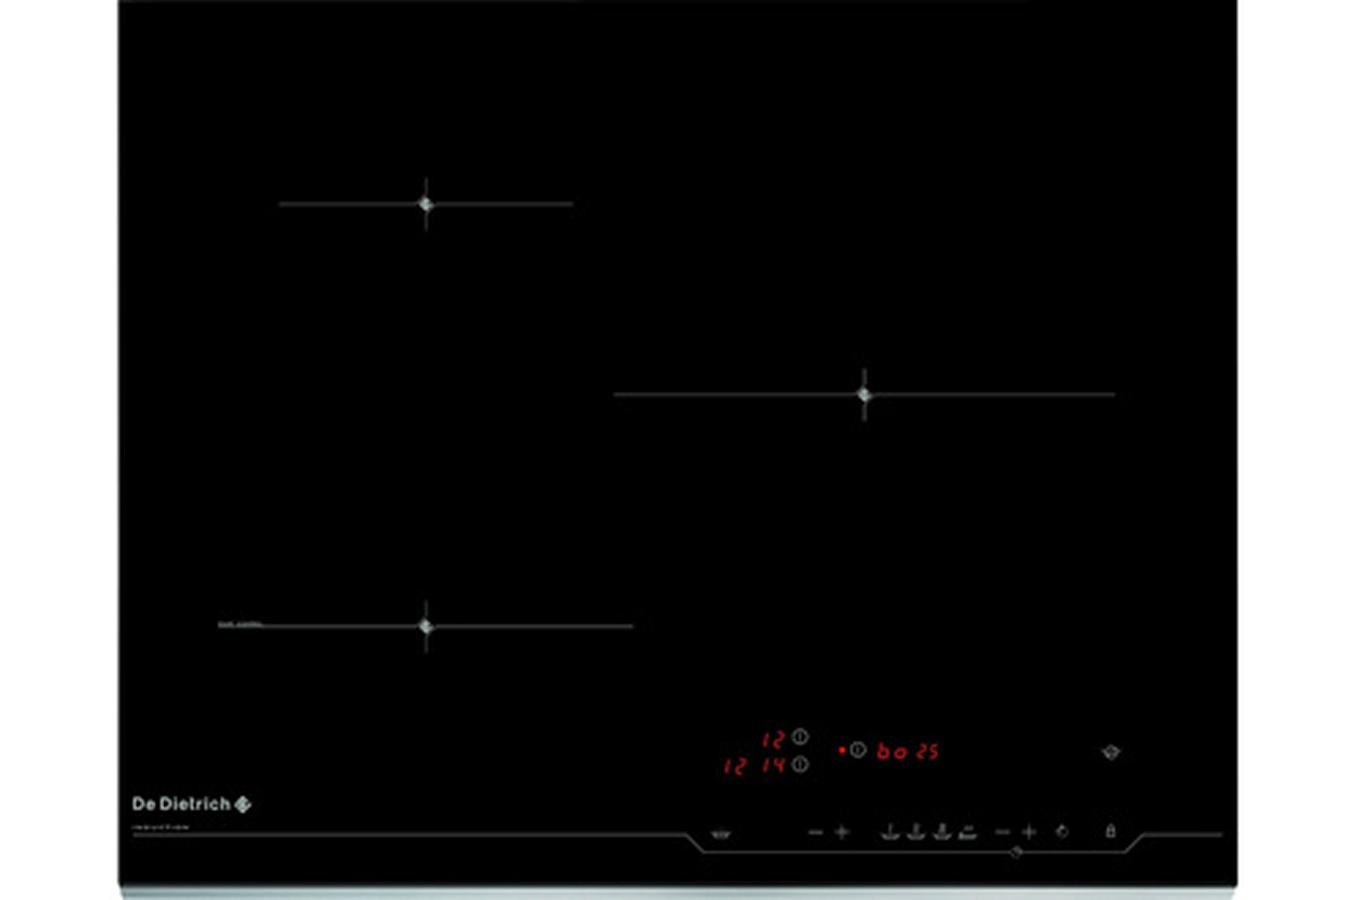 Plaque induction de dietrich dti 1106xe 3555704 darty - Table de cuisson vitroceramique de dietrich ...